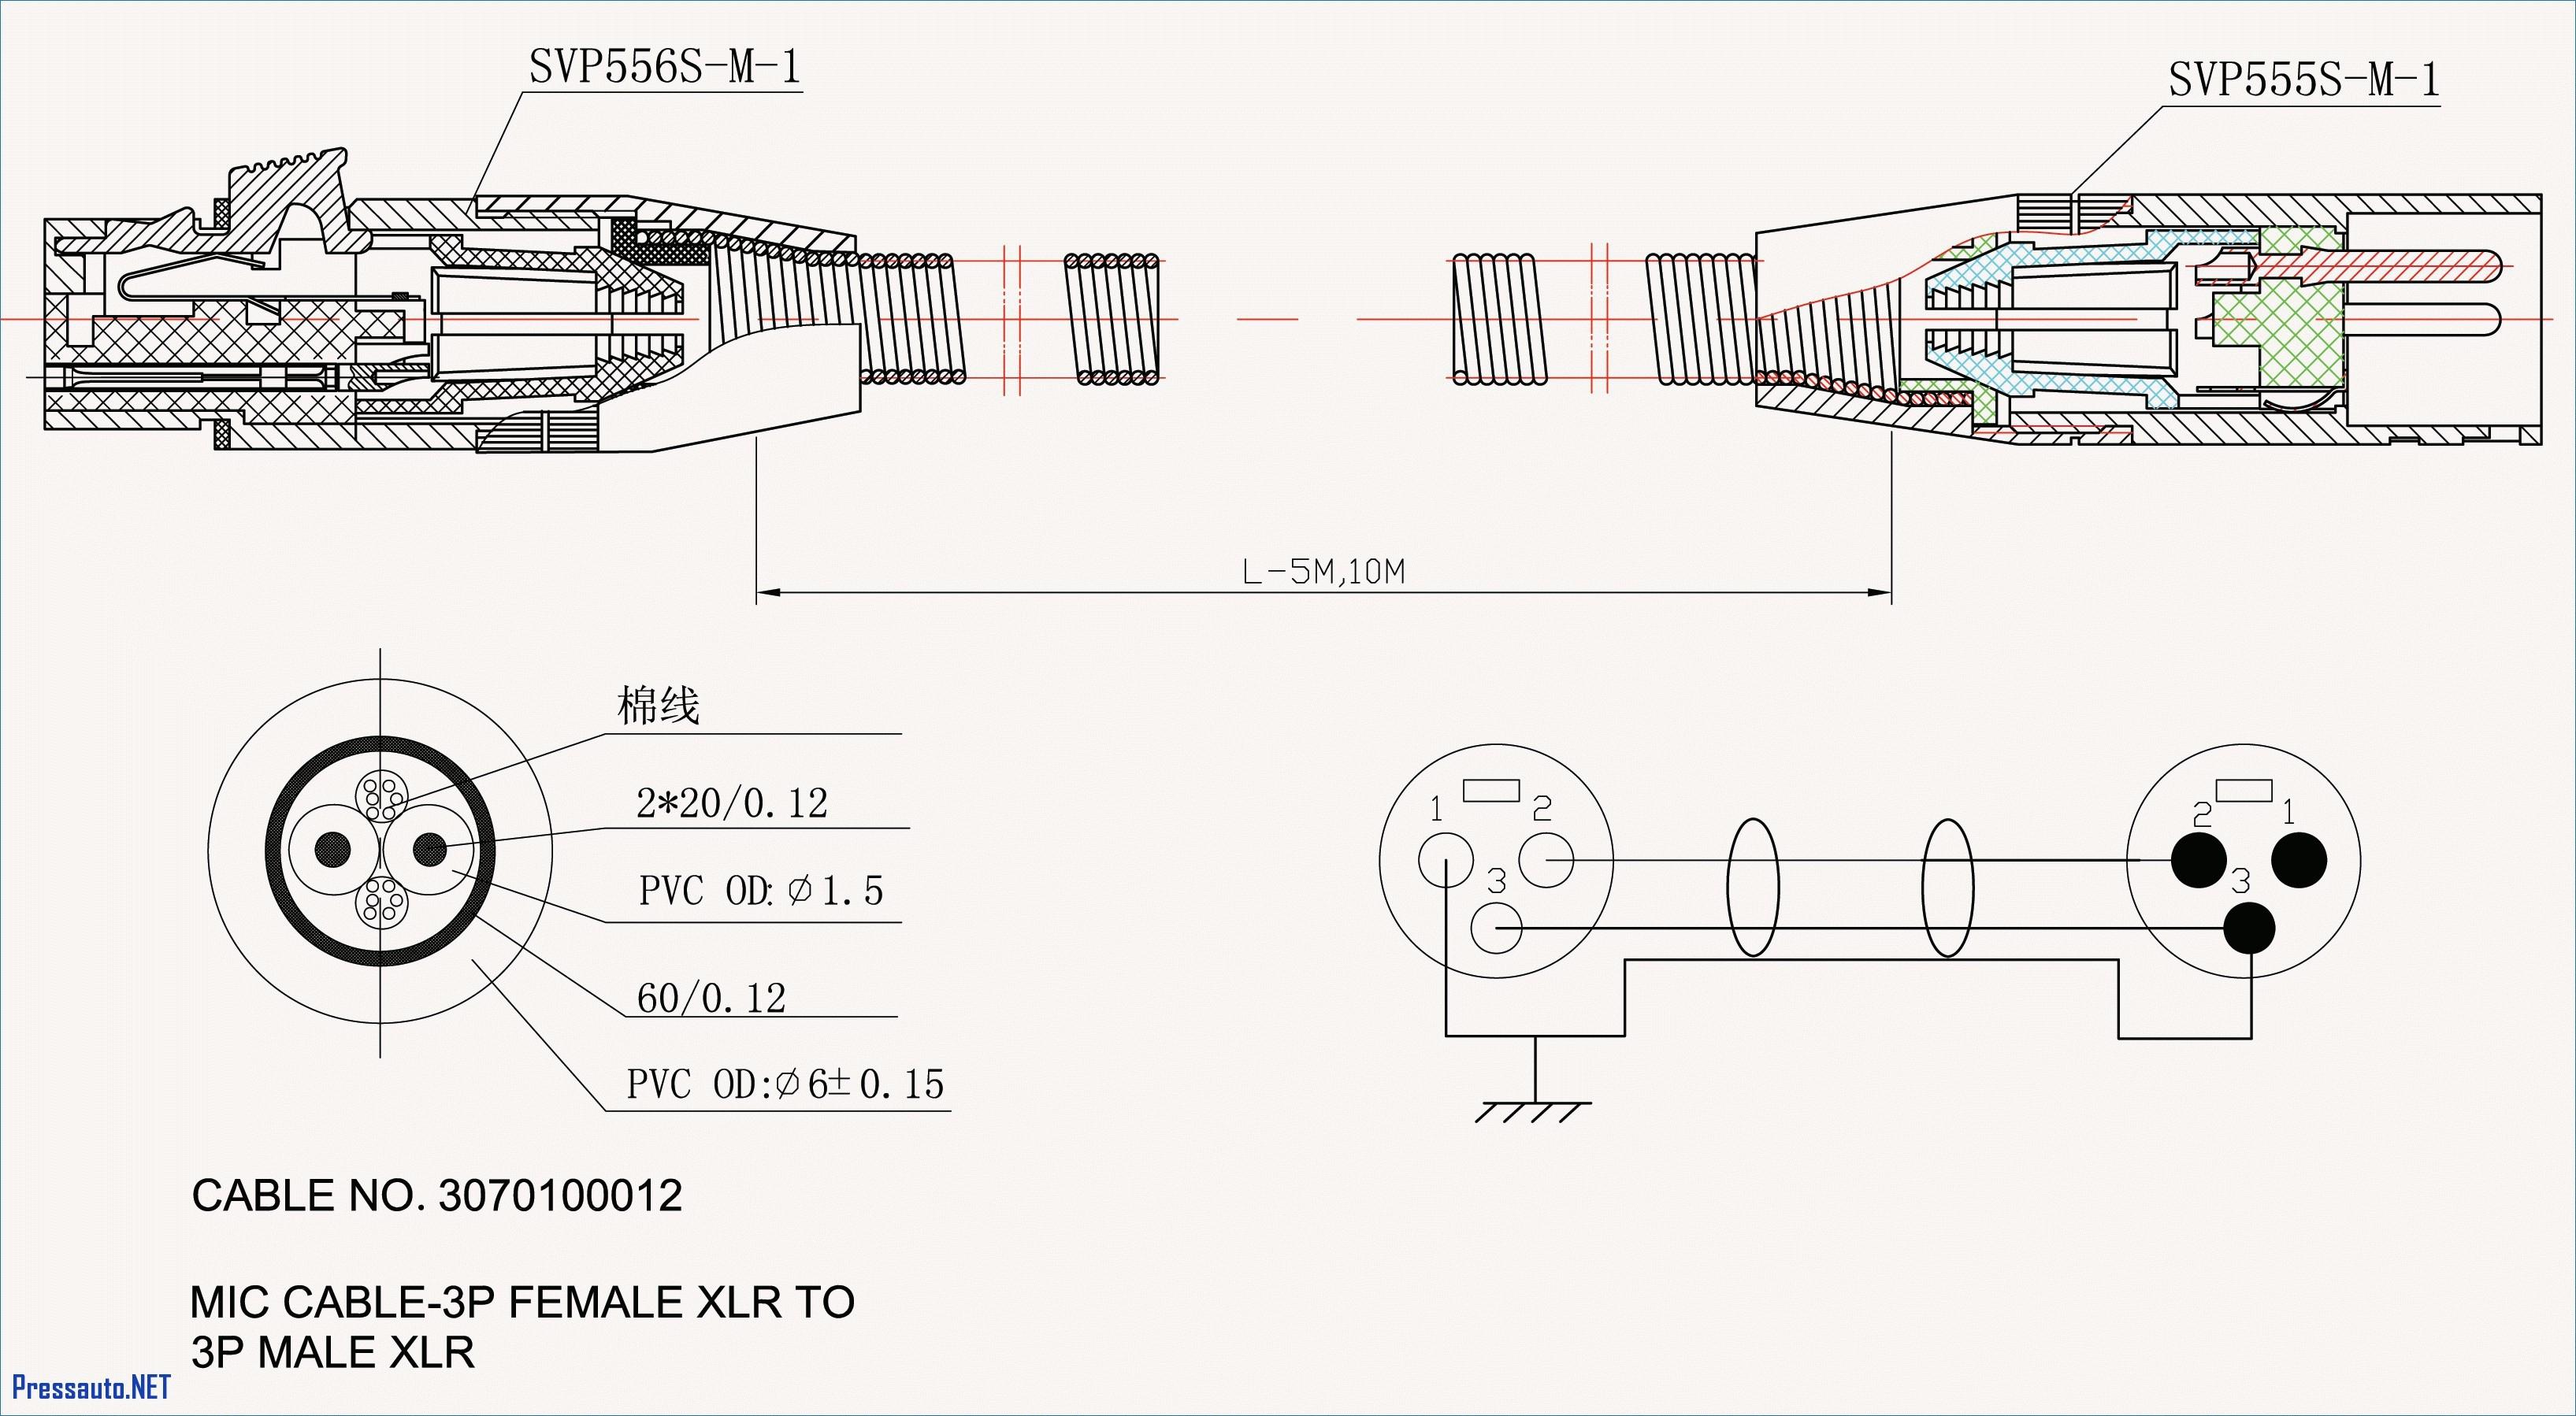 dodge alternator wiring diagram Download-Wiring Diagram For Dodge Alternator New Unique 3 Wire Gm Alternator 2-q